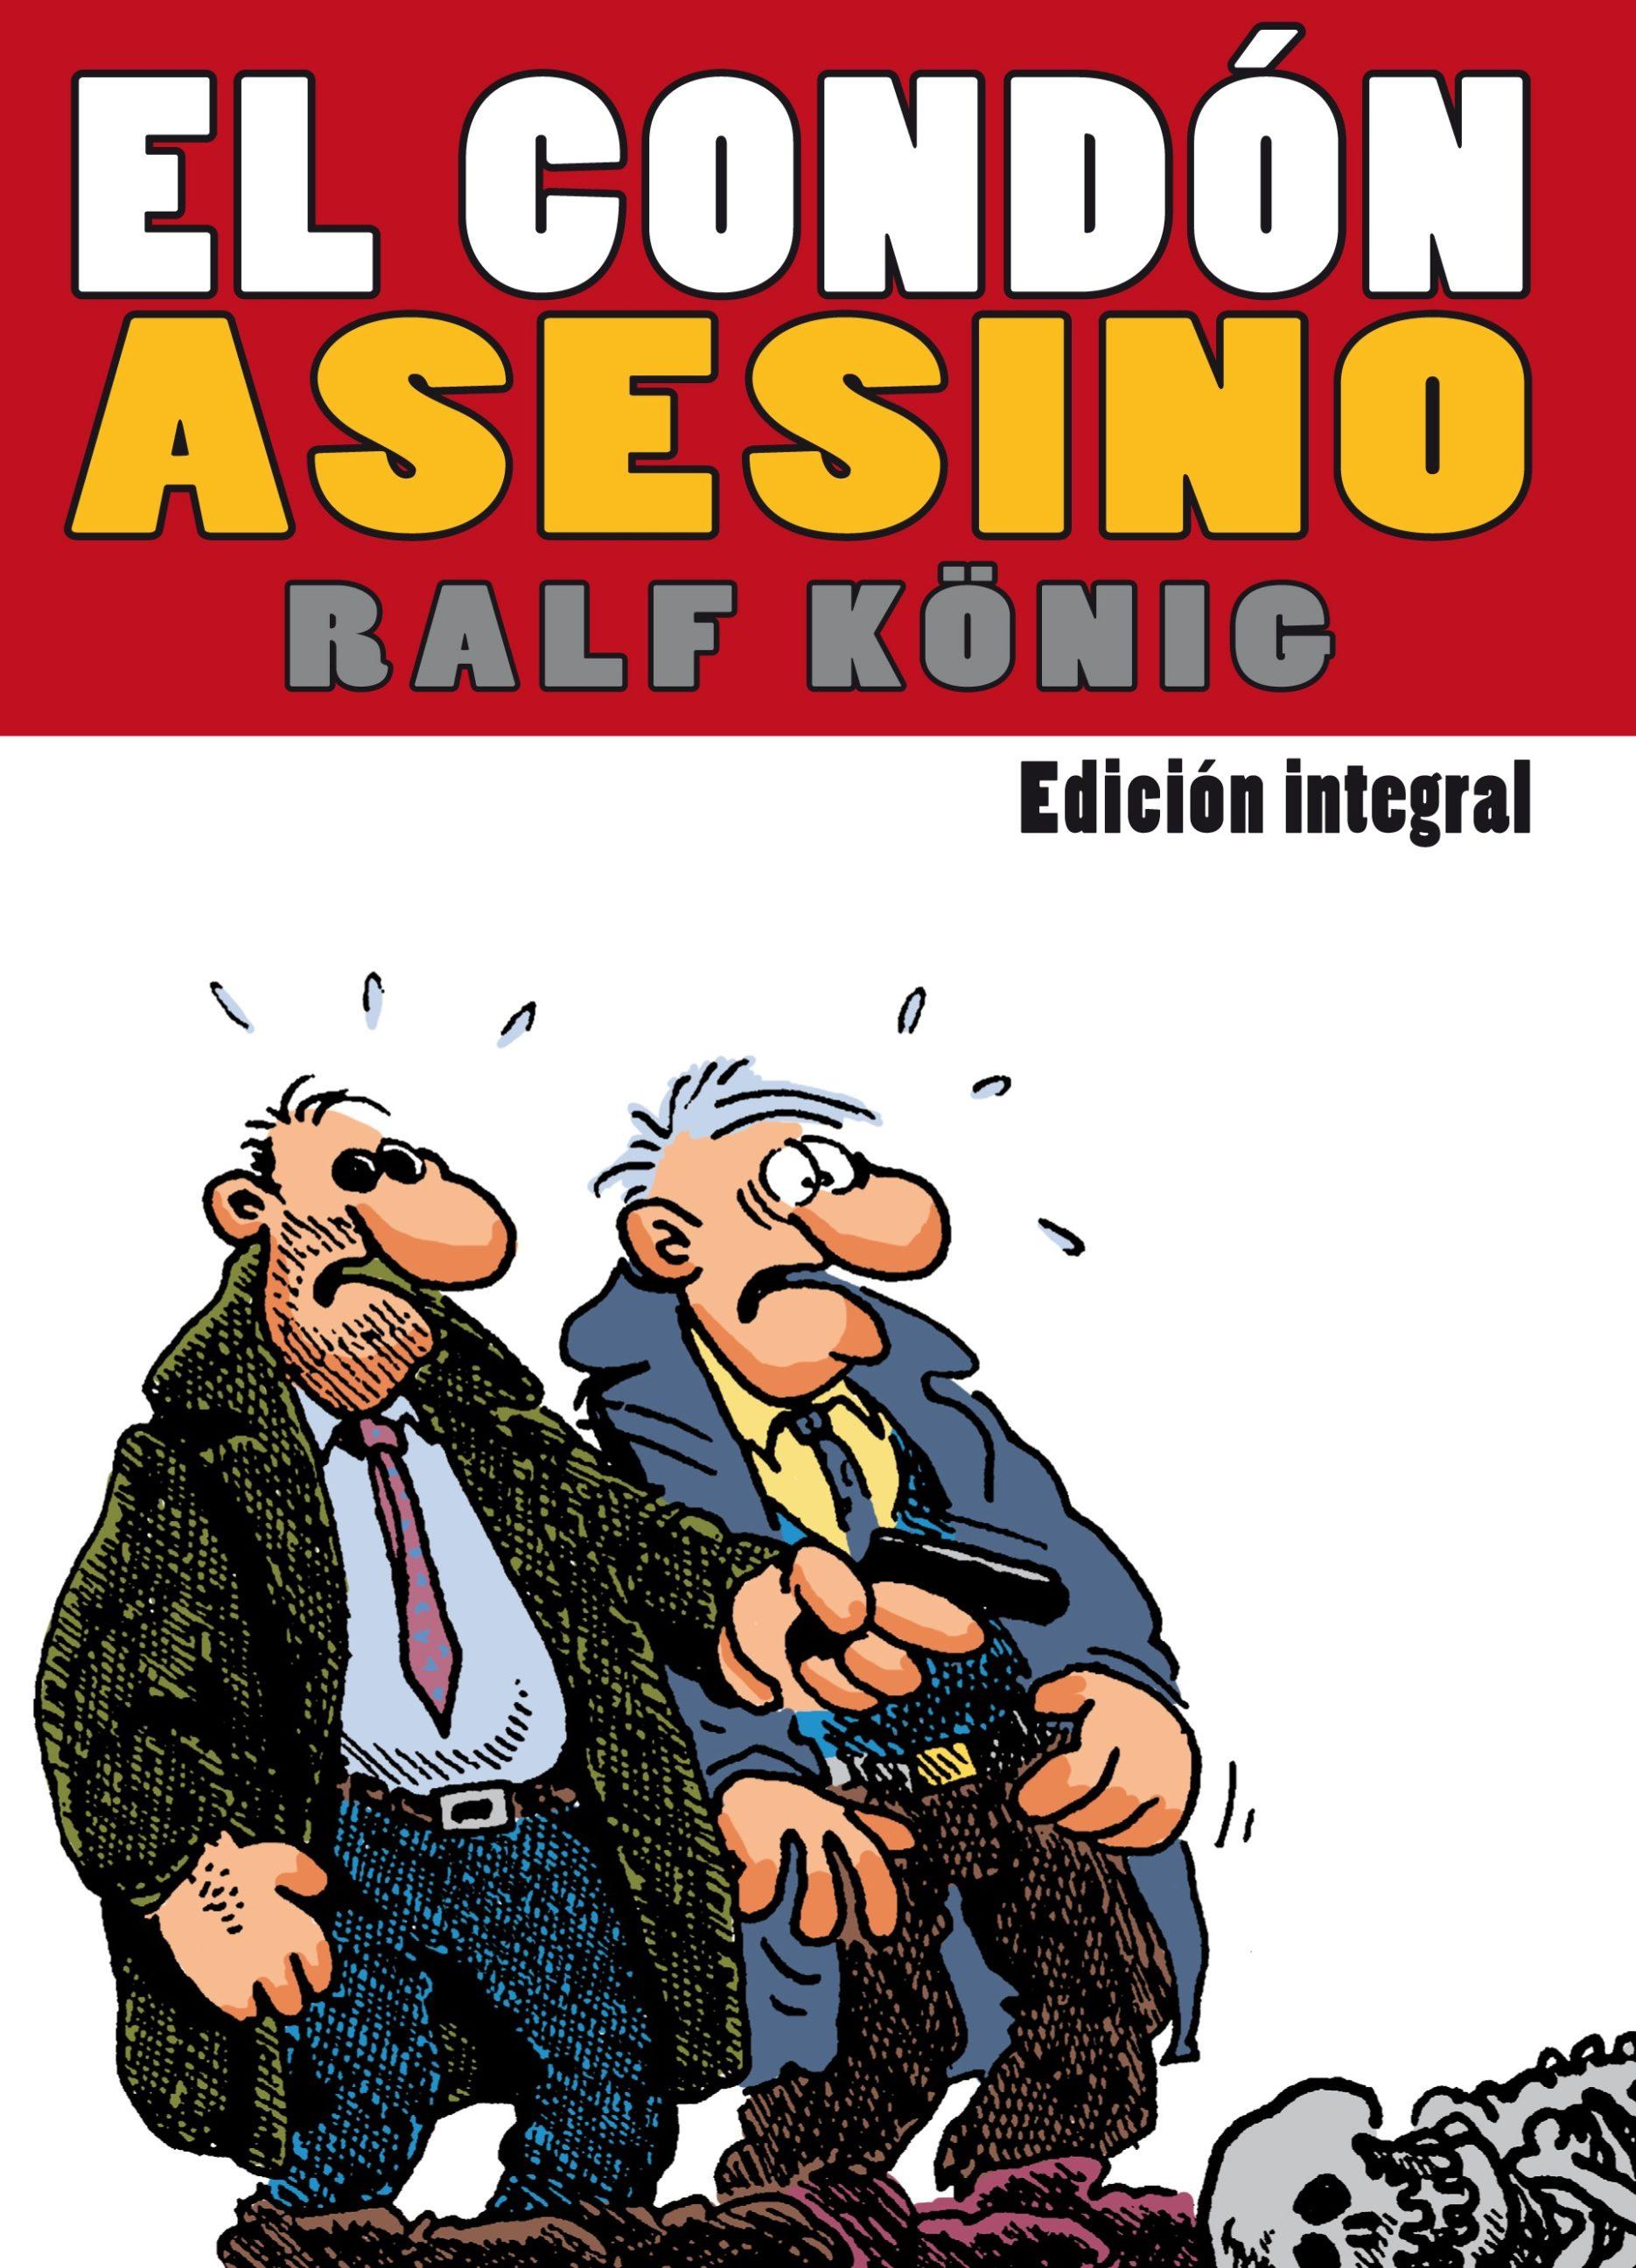 P Ralf Konig El condon asesino Cubierta